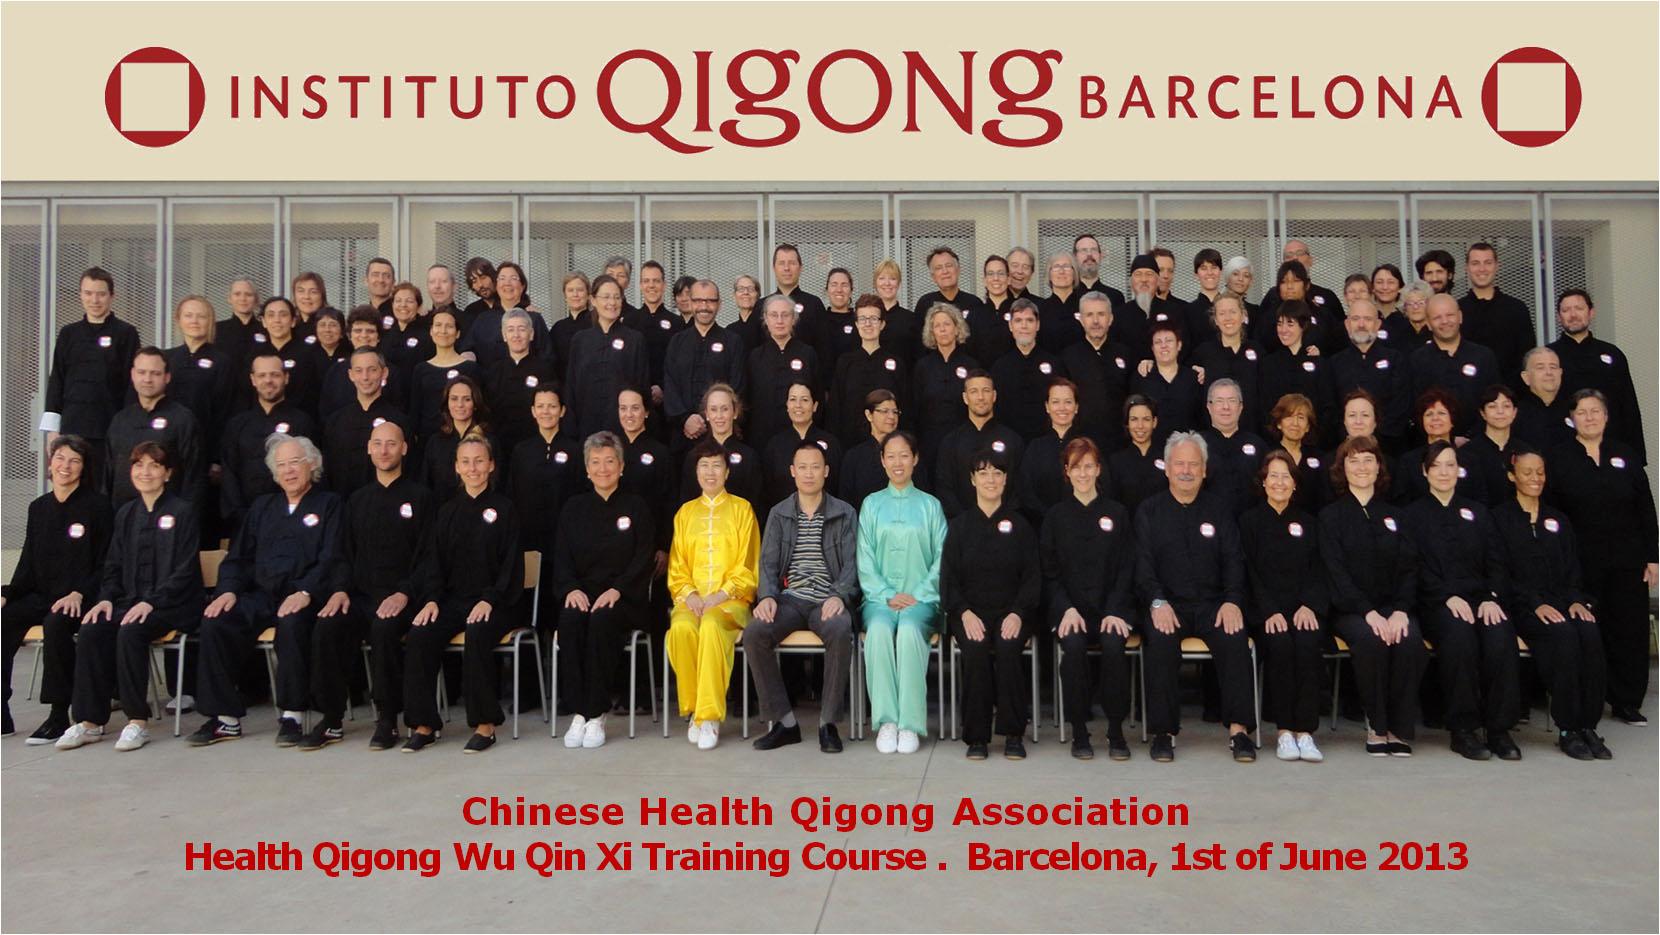 Curso de Perfeccionamiento Técnico Wu Qin Xi